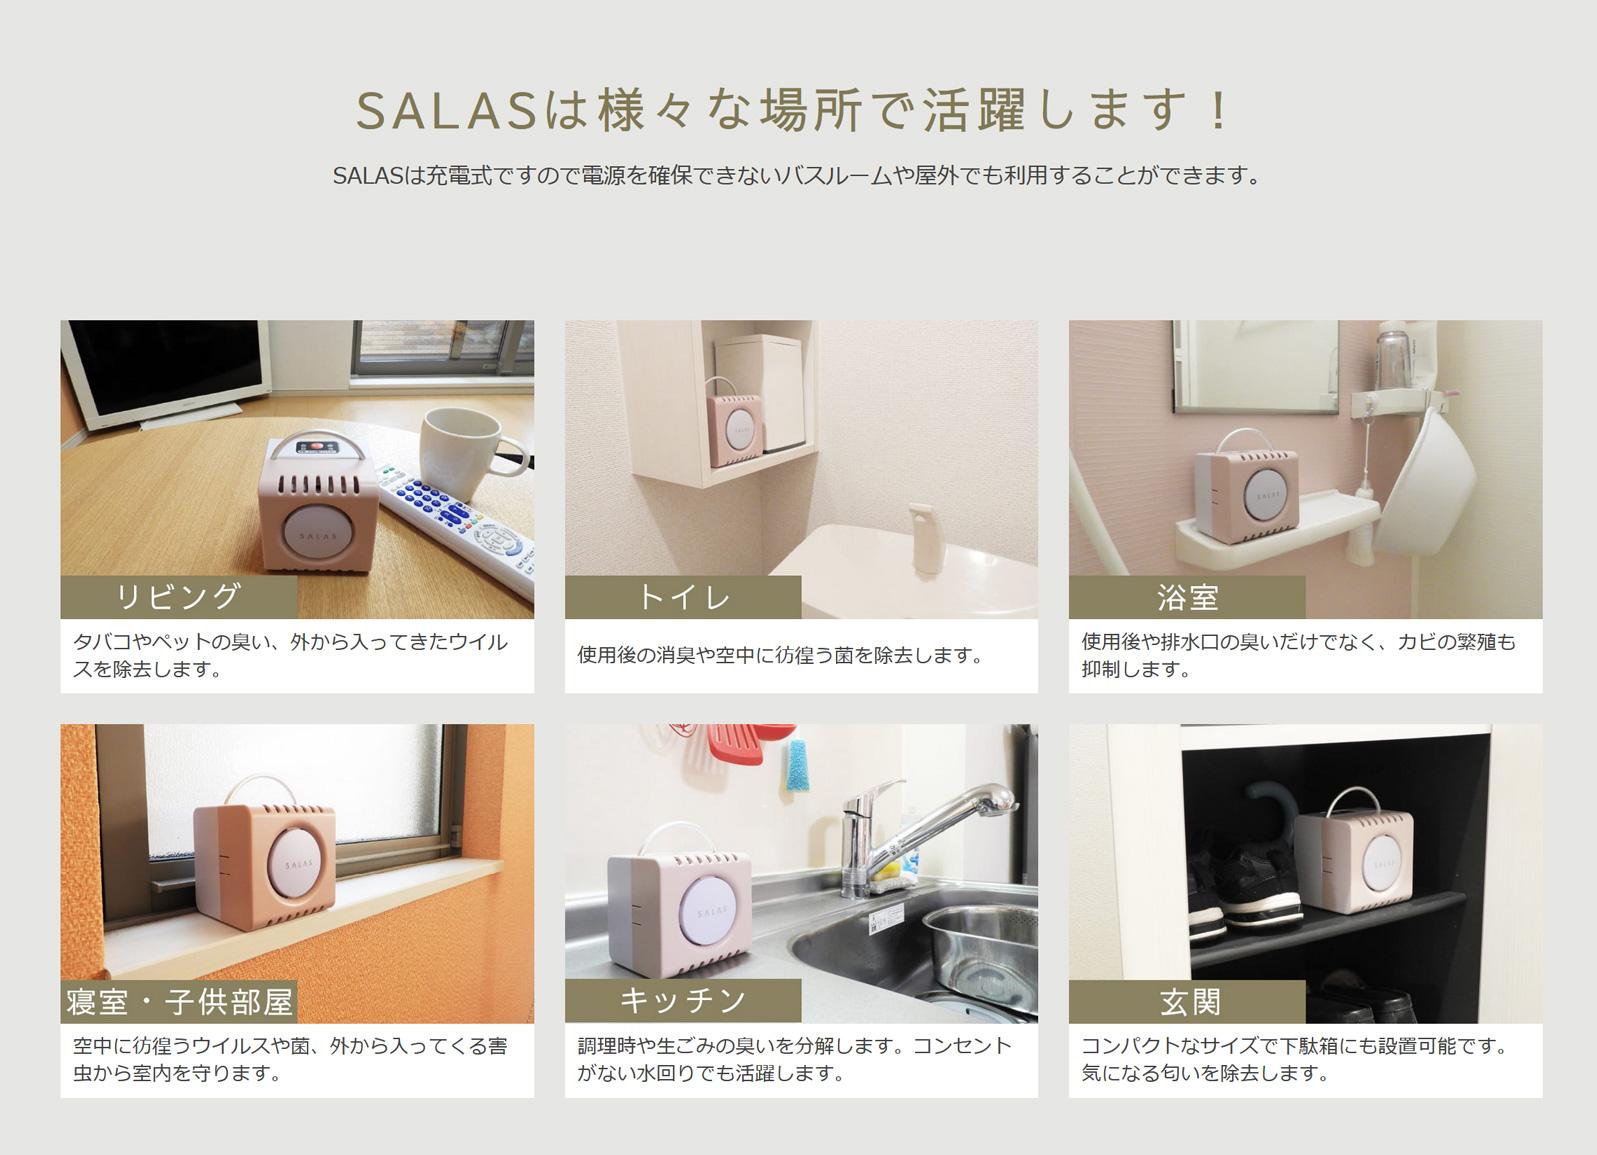 【オゾン発生器】SALAS(オゾンエアーサラス)【日常空間の除菌・消臭】